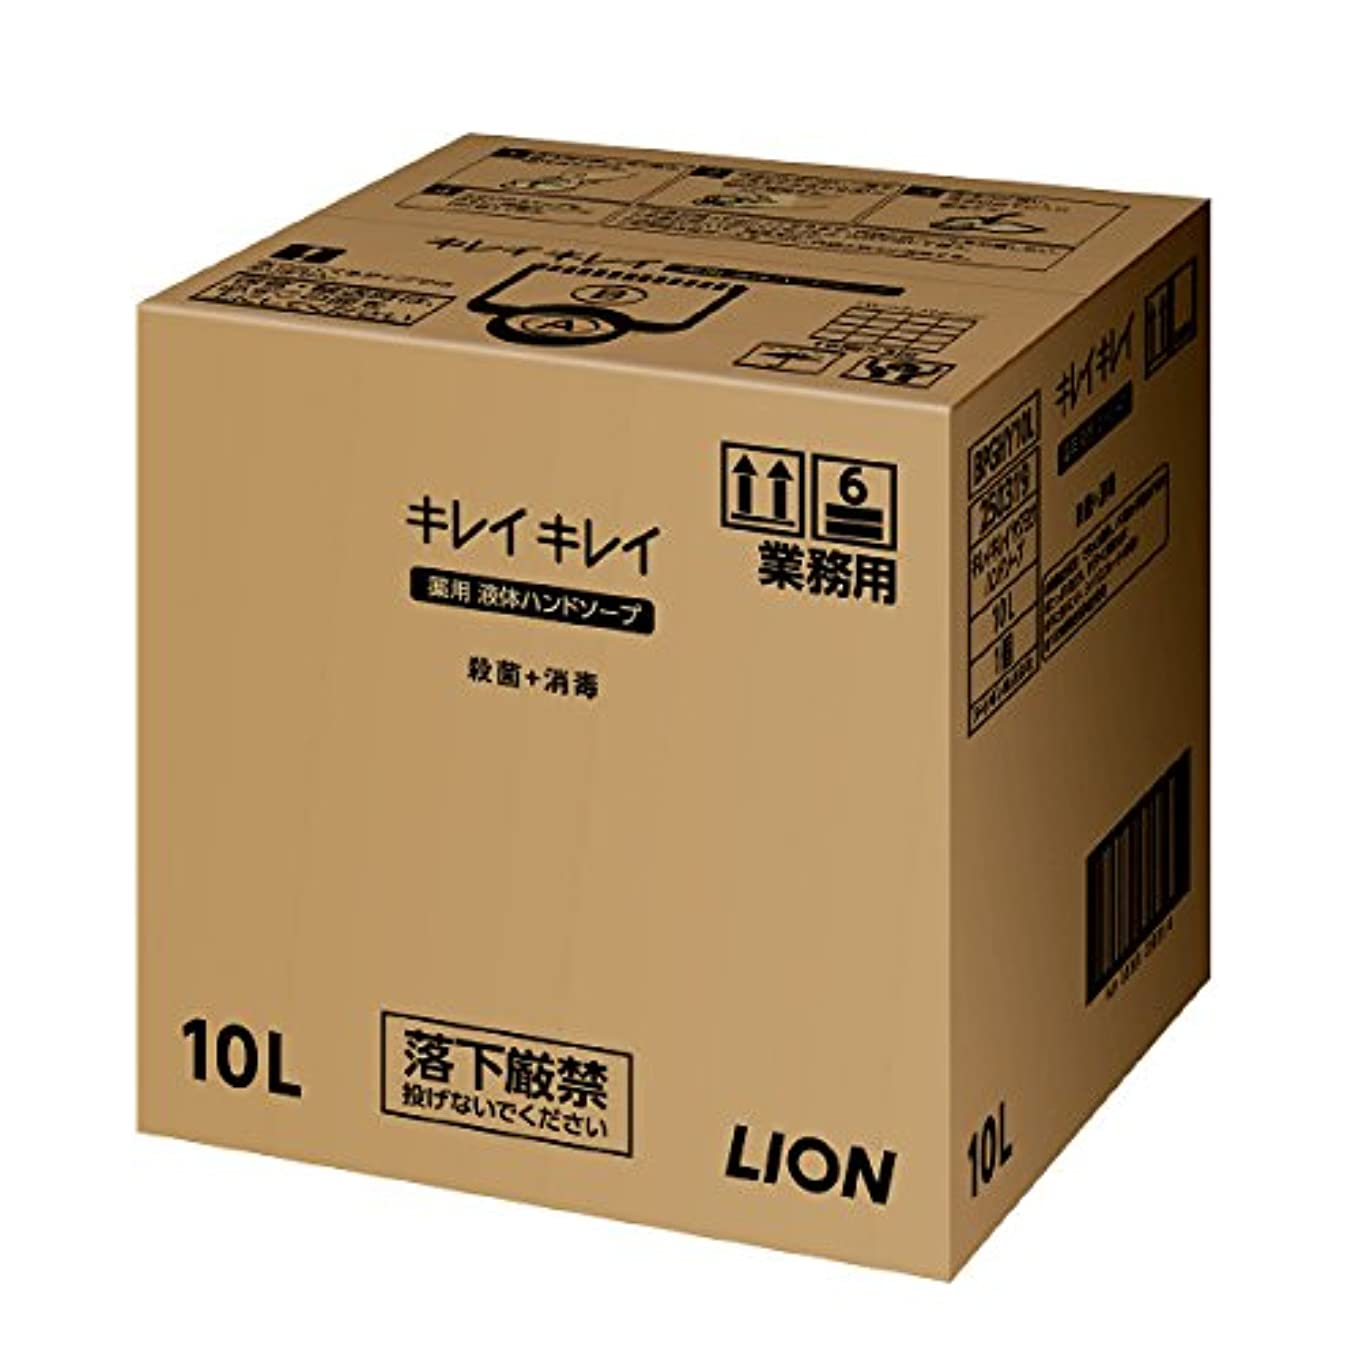 ピアノ服を洗うクールキレイキレイ薬用液体ハンドソープ10L(専用コック付き)